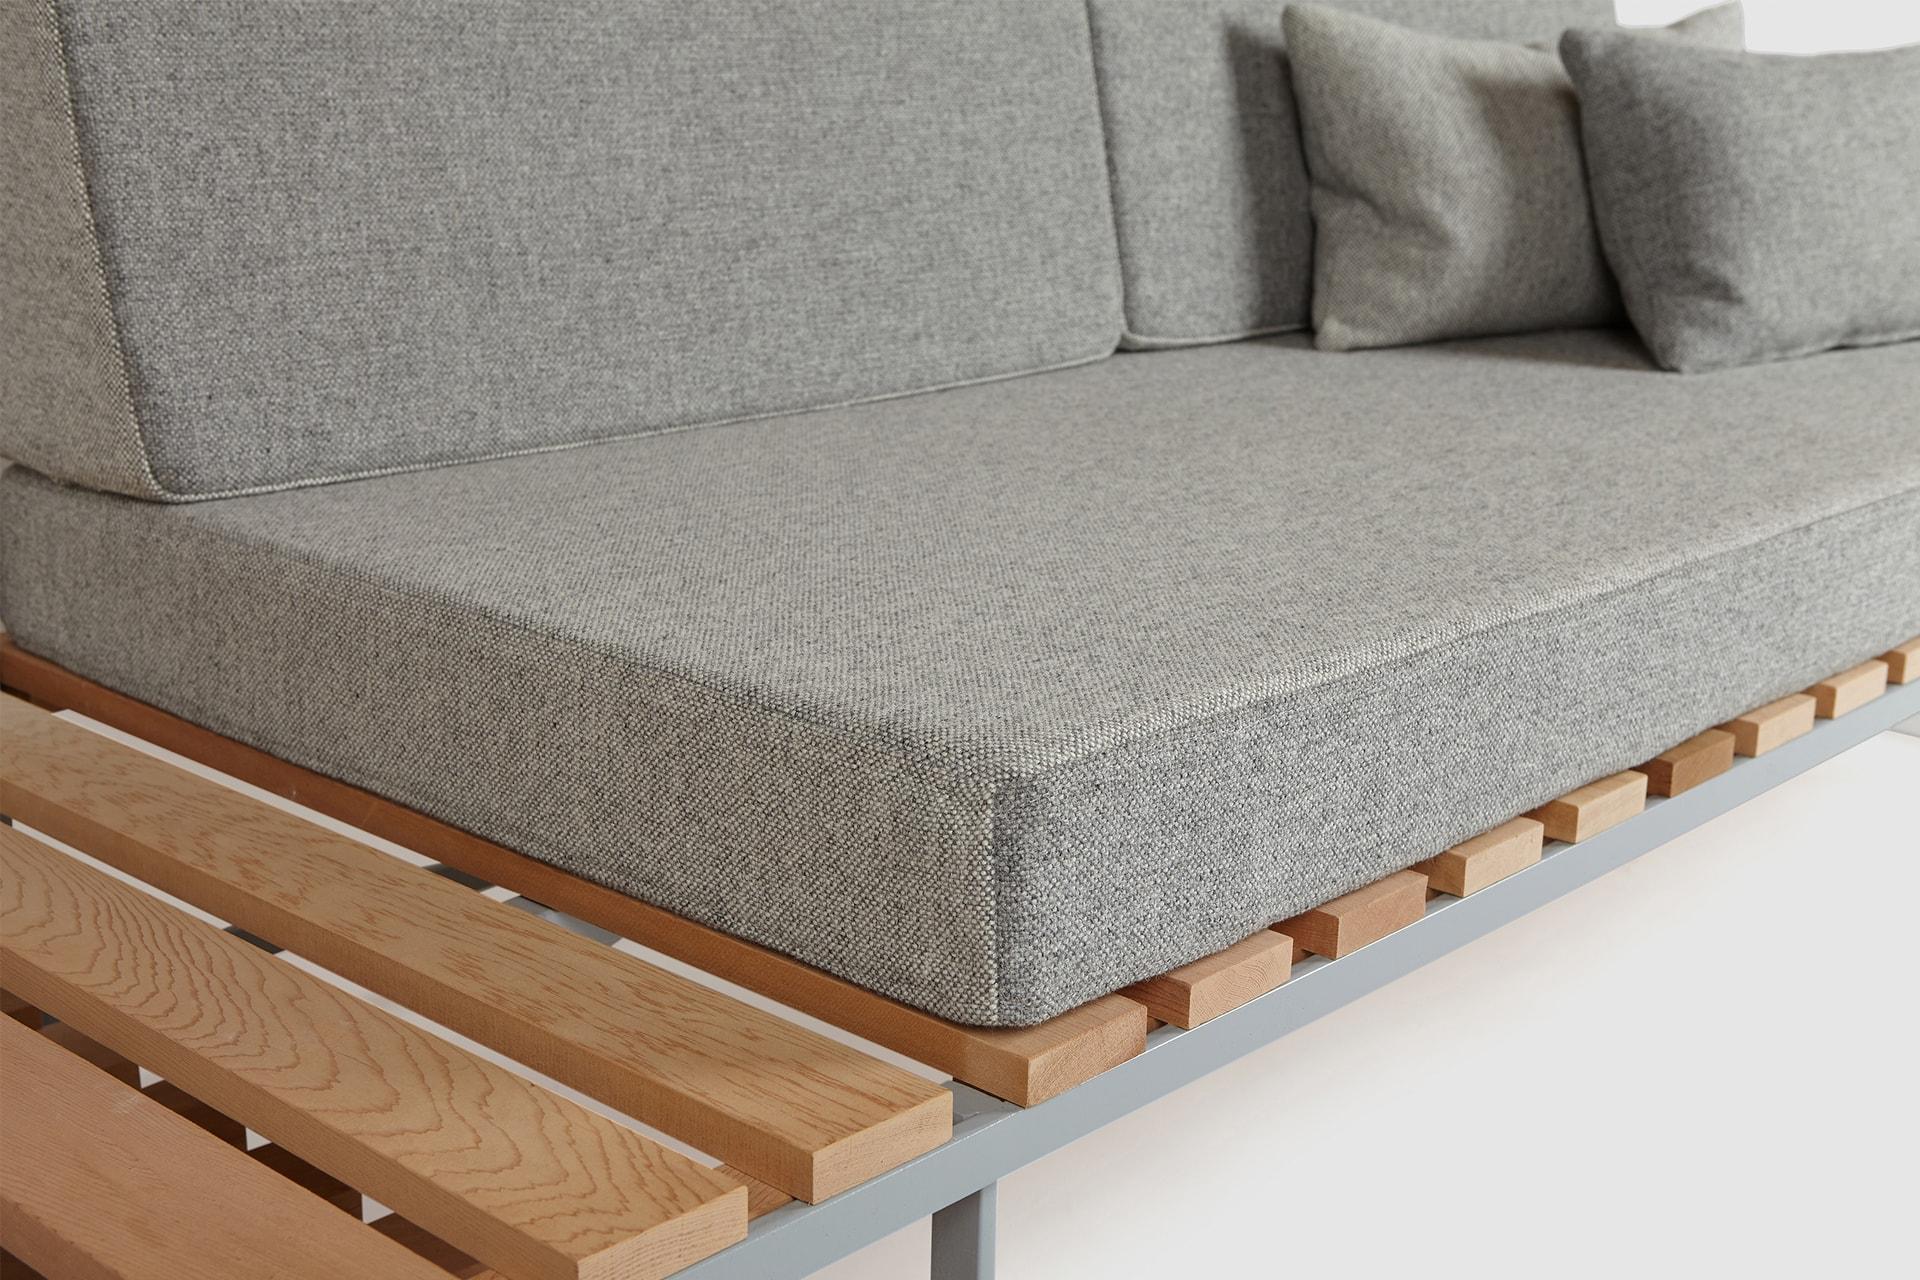 CBY Sofa